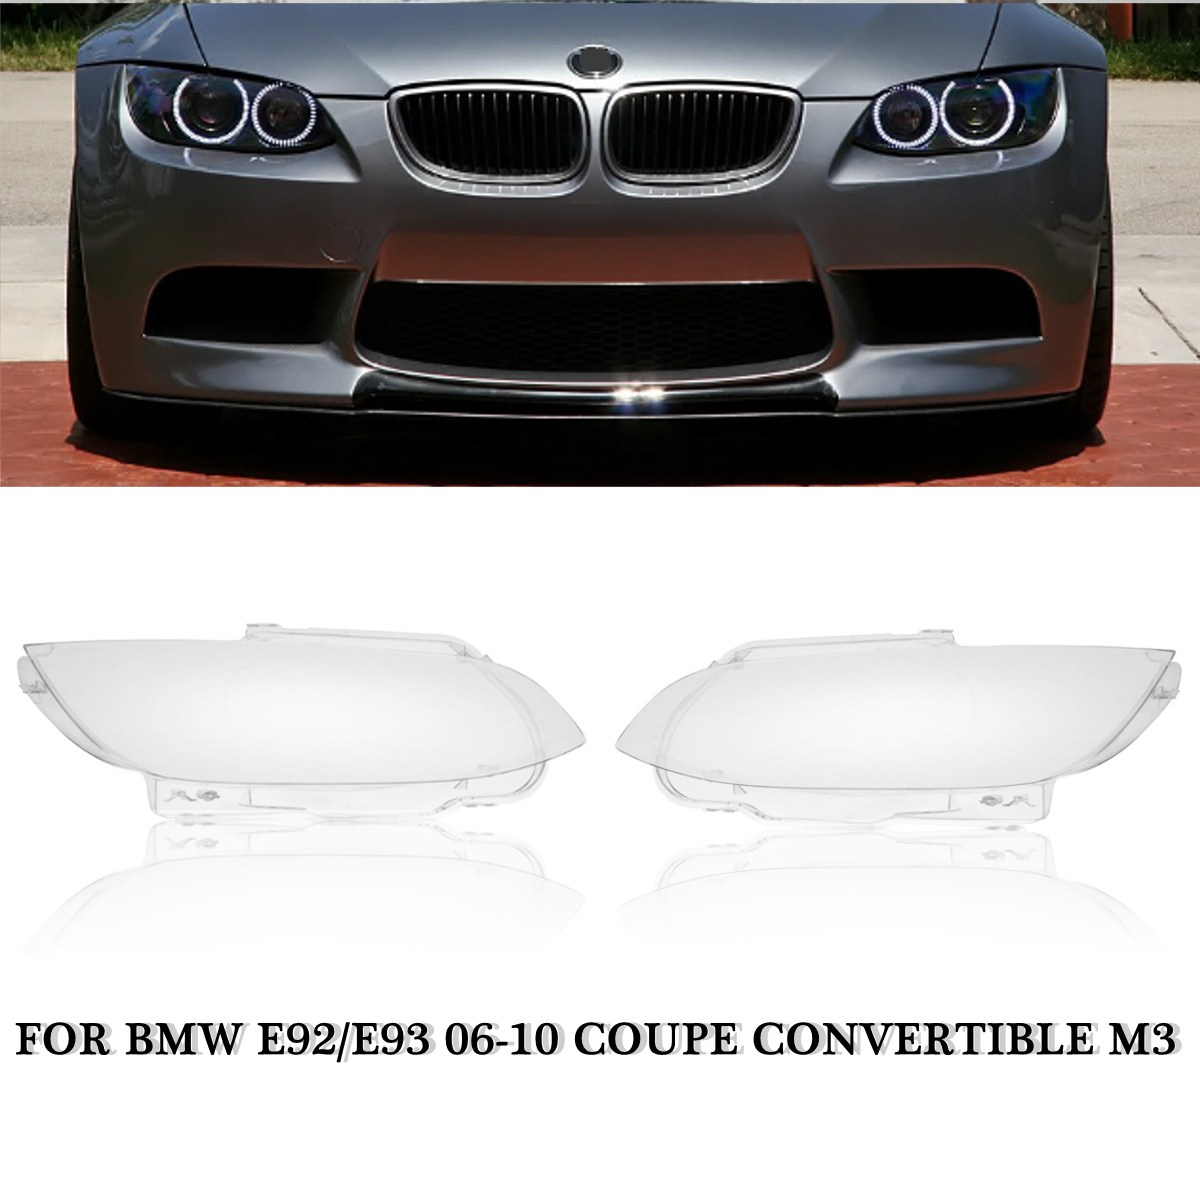 hight resolution of 1pc left right car headlight cover headlamp lens cover fit for bmw e92 e93 coupe m3 328i 335i cabrio 2006 2007 2008 2009 2010